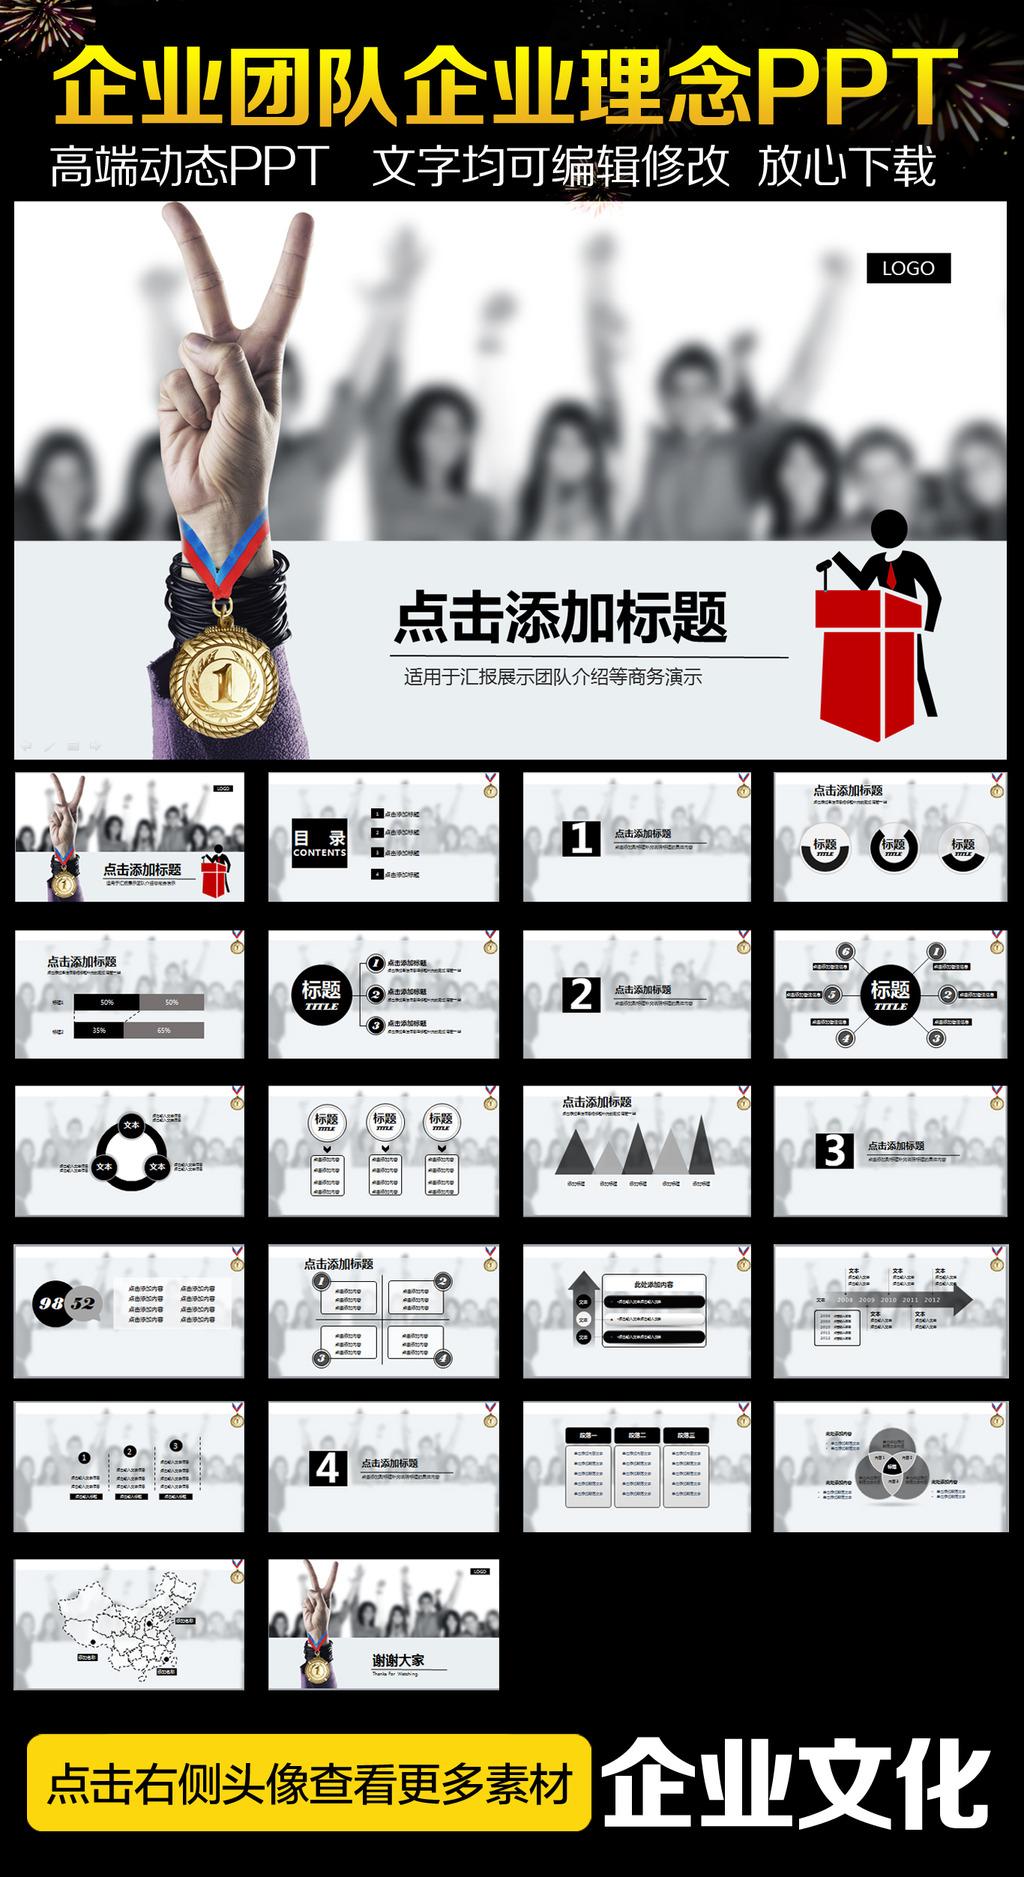 员工培训企业文化会议策划ppt模板